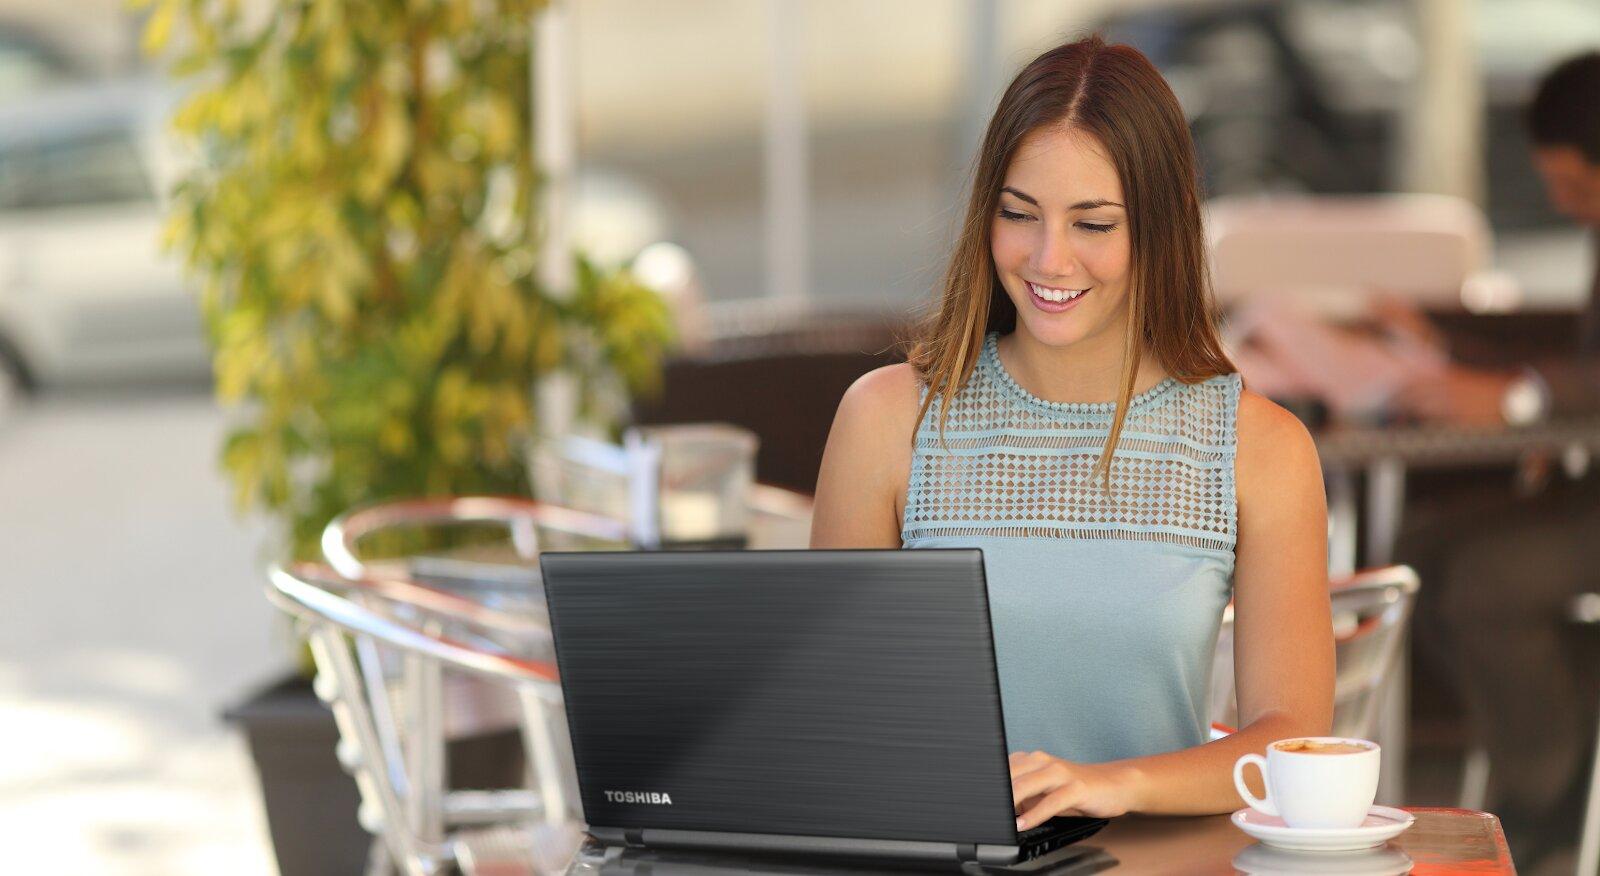 Laptop Toshiba phù hợp cho công việc văn phòng